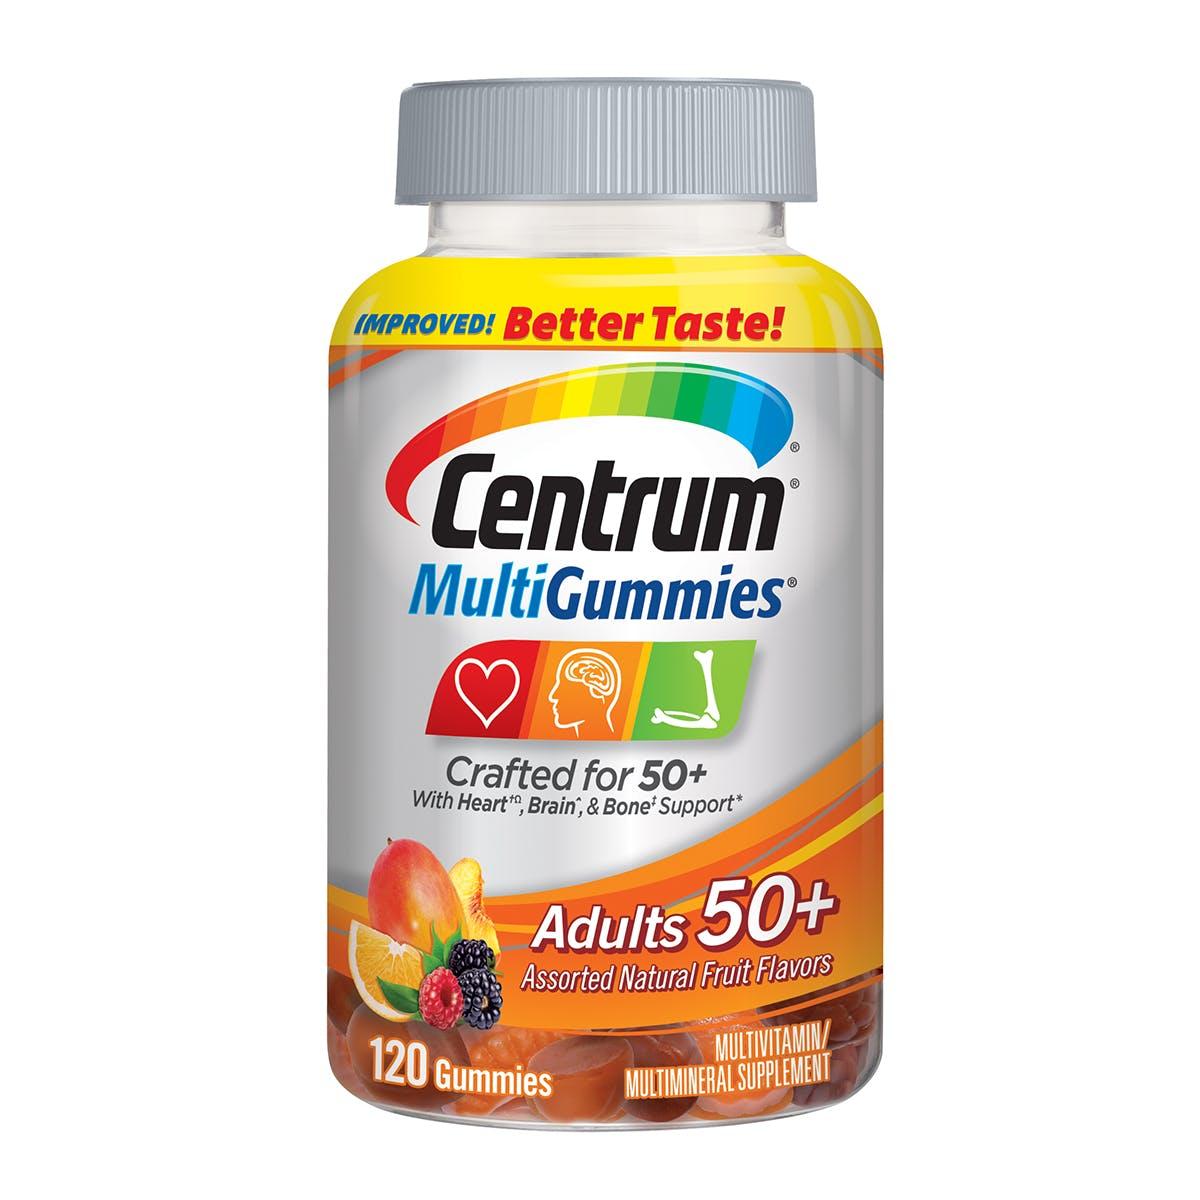 Bottle of MultiGummies Adult 50plus vitamins